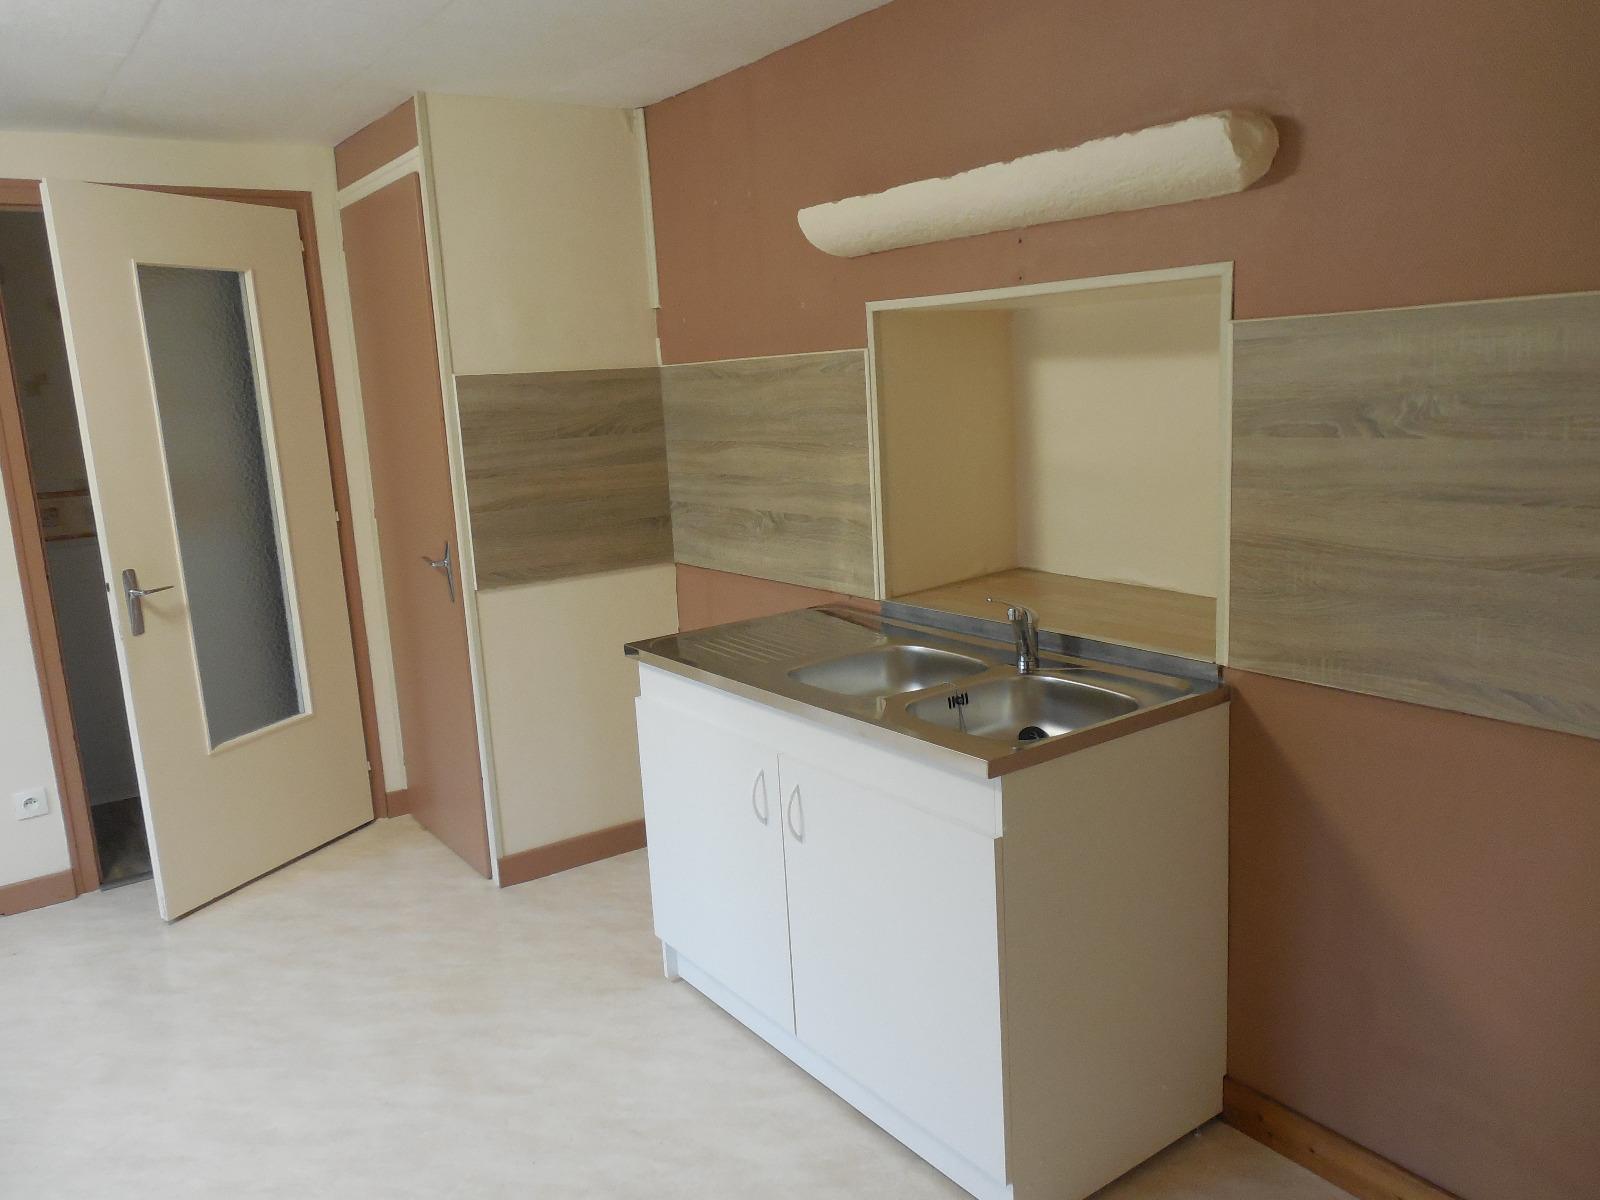 A vendre proche dole appartement en rez de jardin 5 pieces for Cuisine 3d concept dole